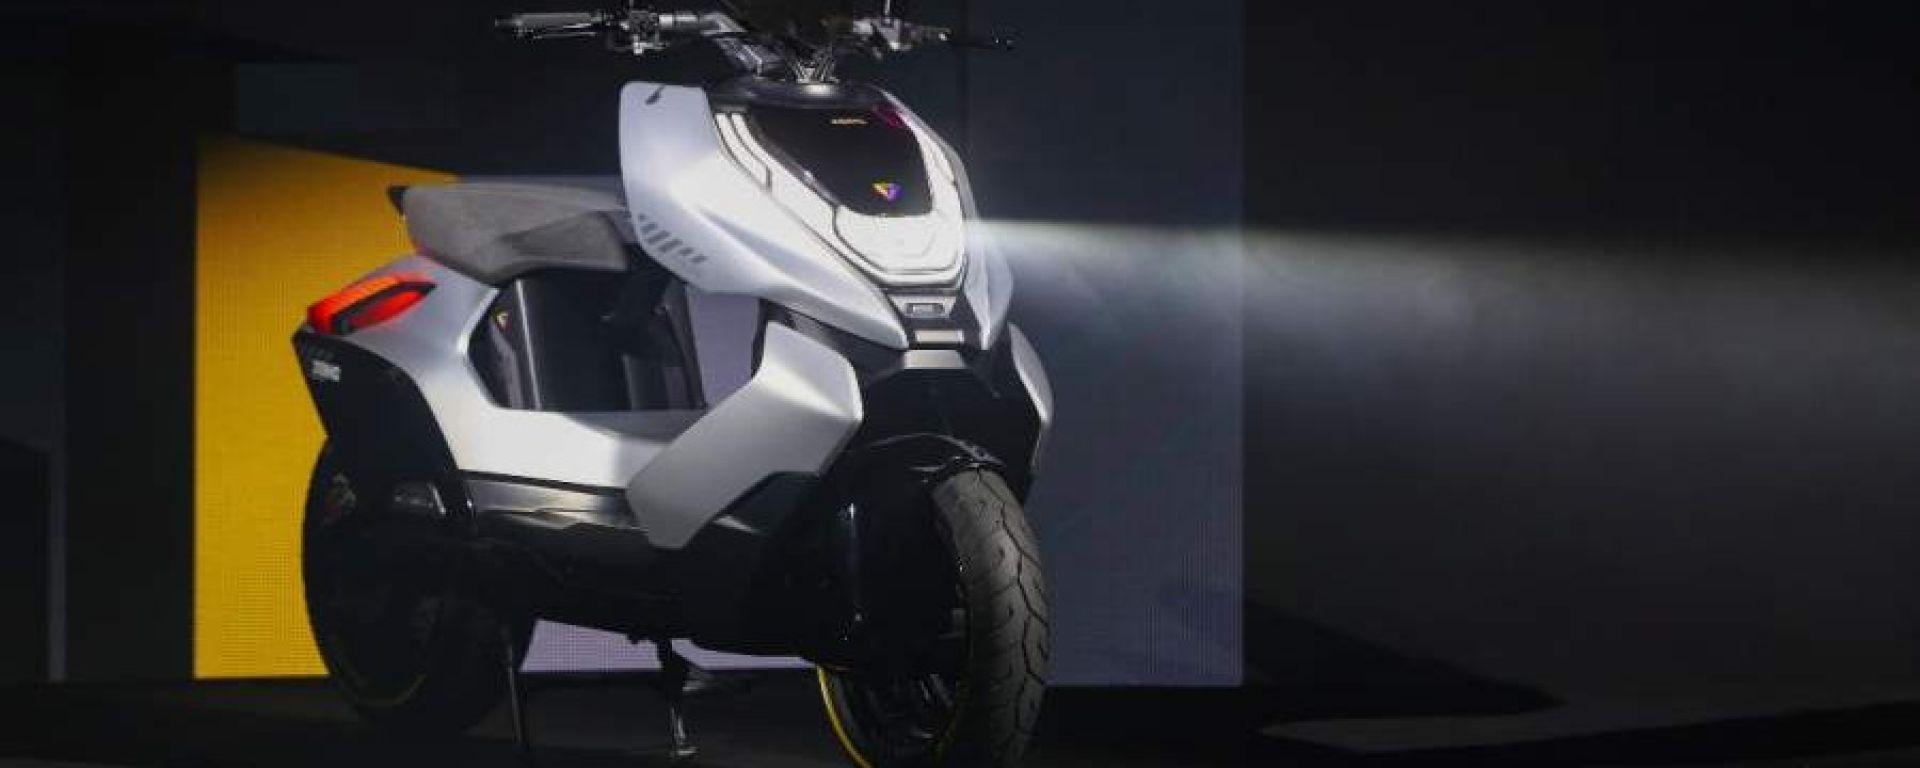 Zeeho Cyber: il primo concept elettrico dal marchio CFMoto